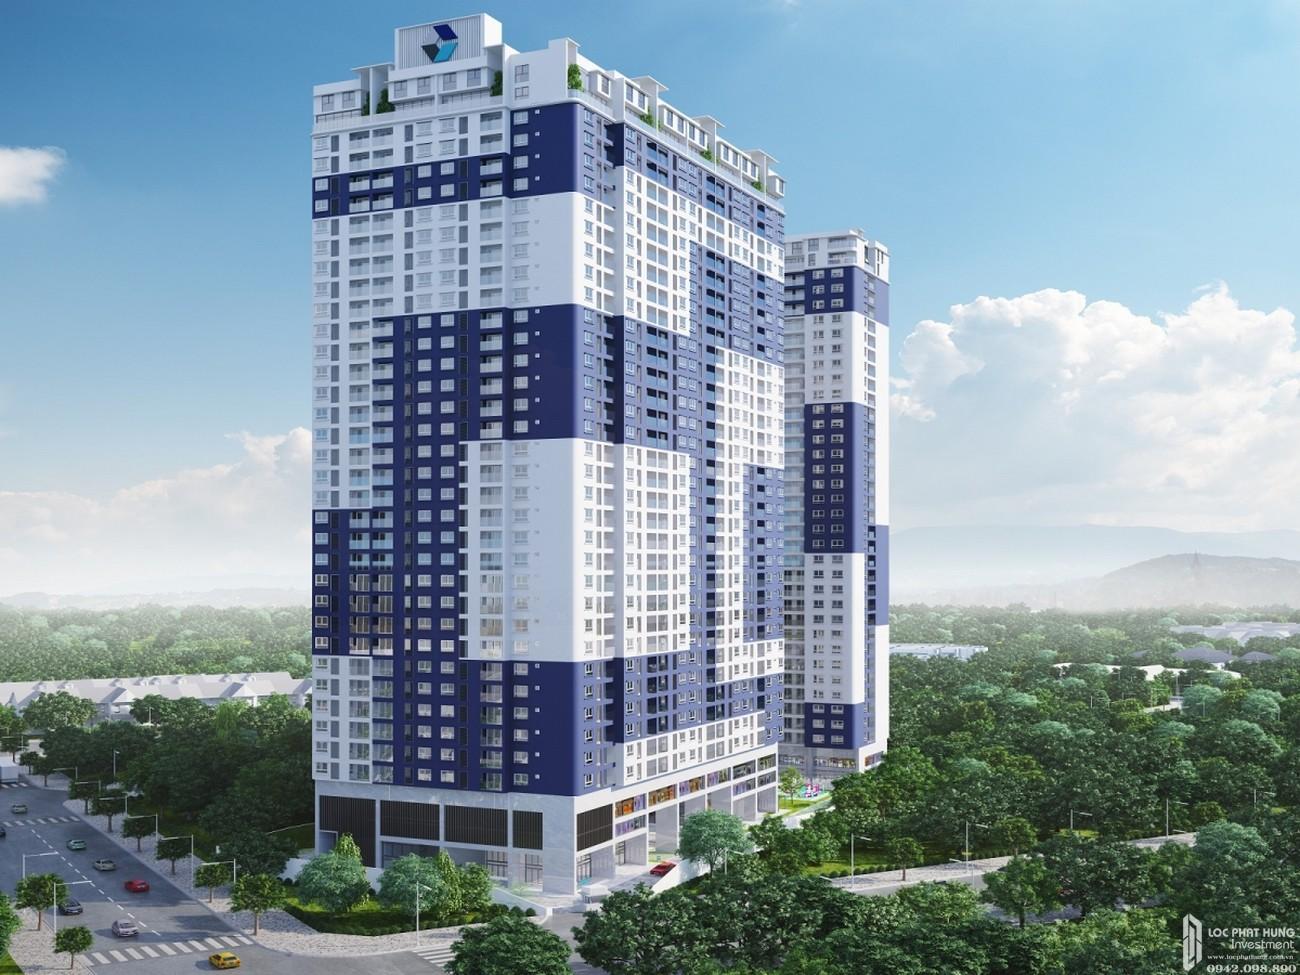 Phối cảnh tổng thể dự án căn hộ chung cư C Skyview Bình Dương Đường Trần Phú chủ đầu tư Quốc Cường Chánh Nghĩa